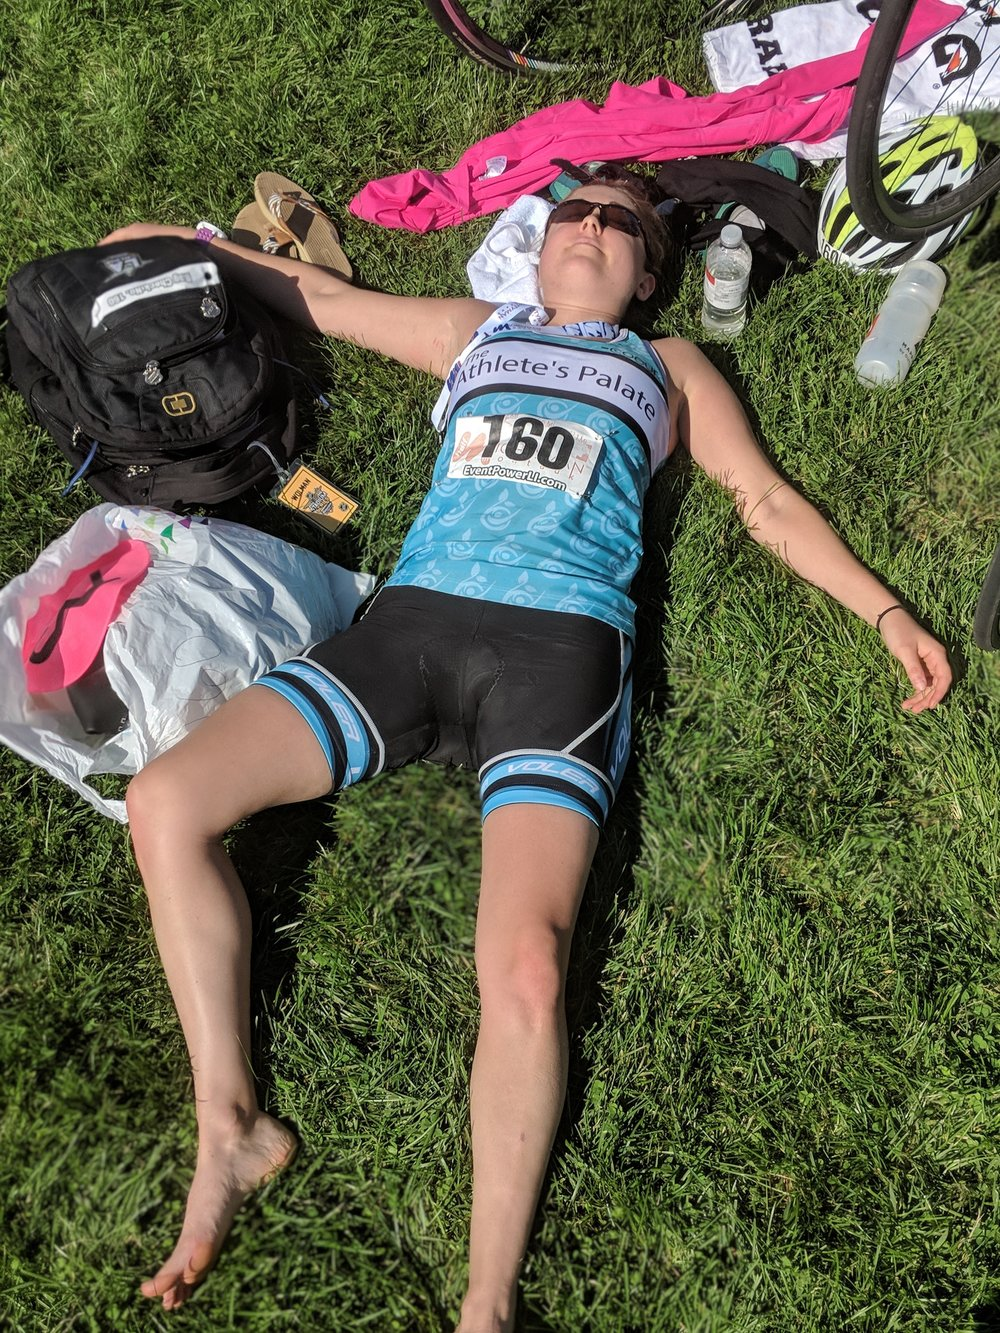 Like I said, triathlons are hard.